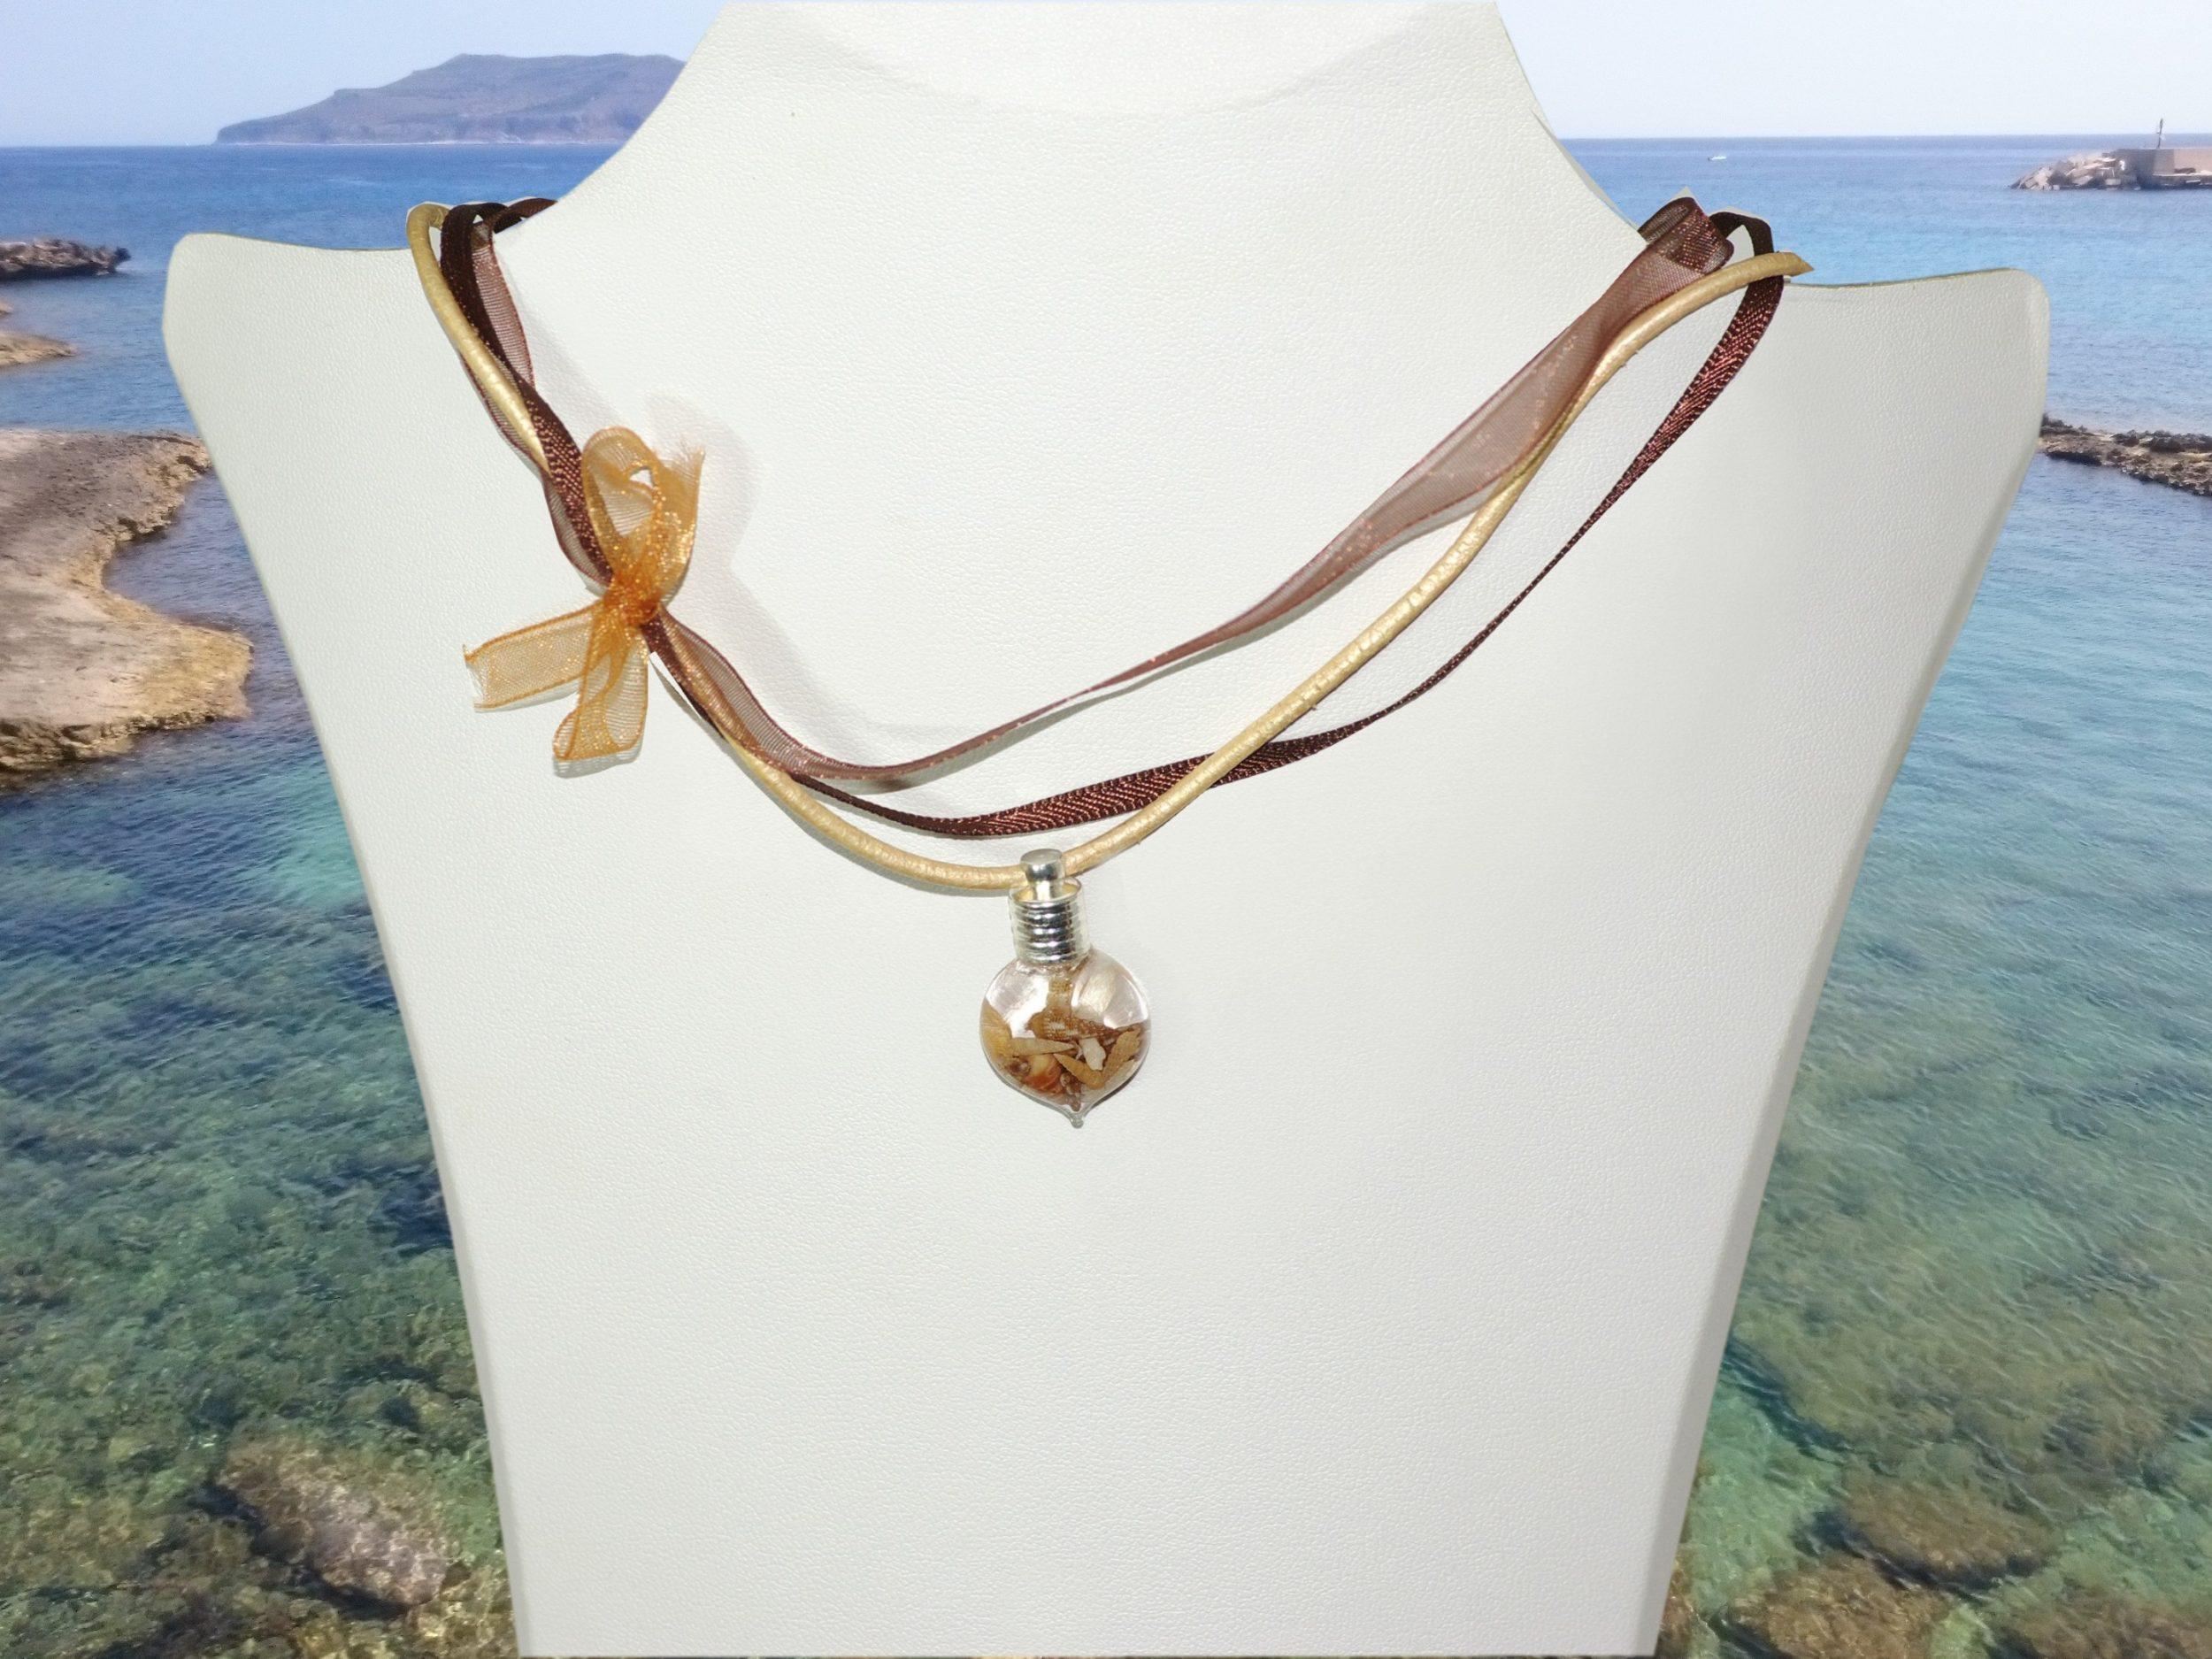 collier asymétrique aux couleurs naturelles, noué sur le côté en organza, satin et cuir, avec comme pendentif une fiole de verre remplie de coquillages.